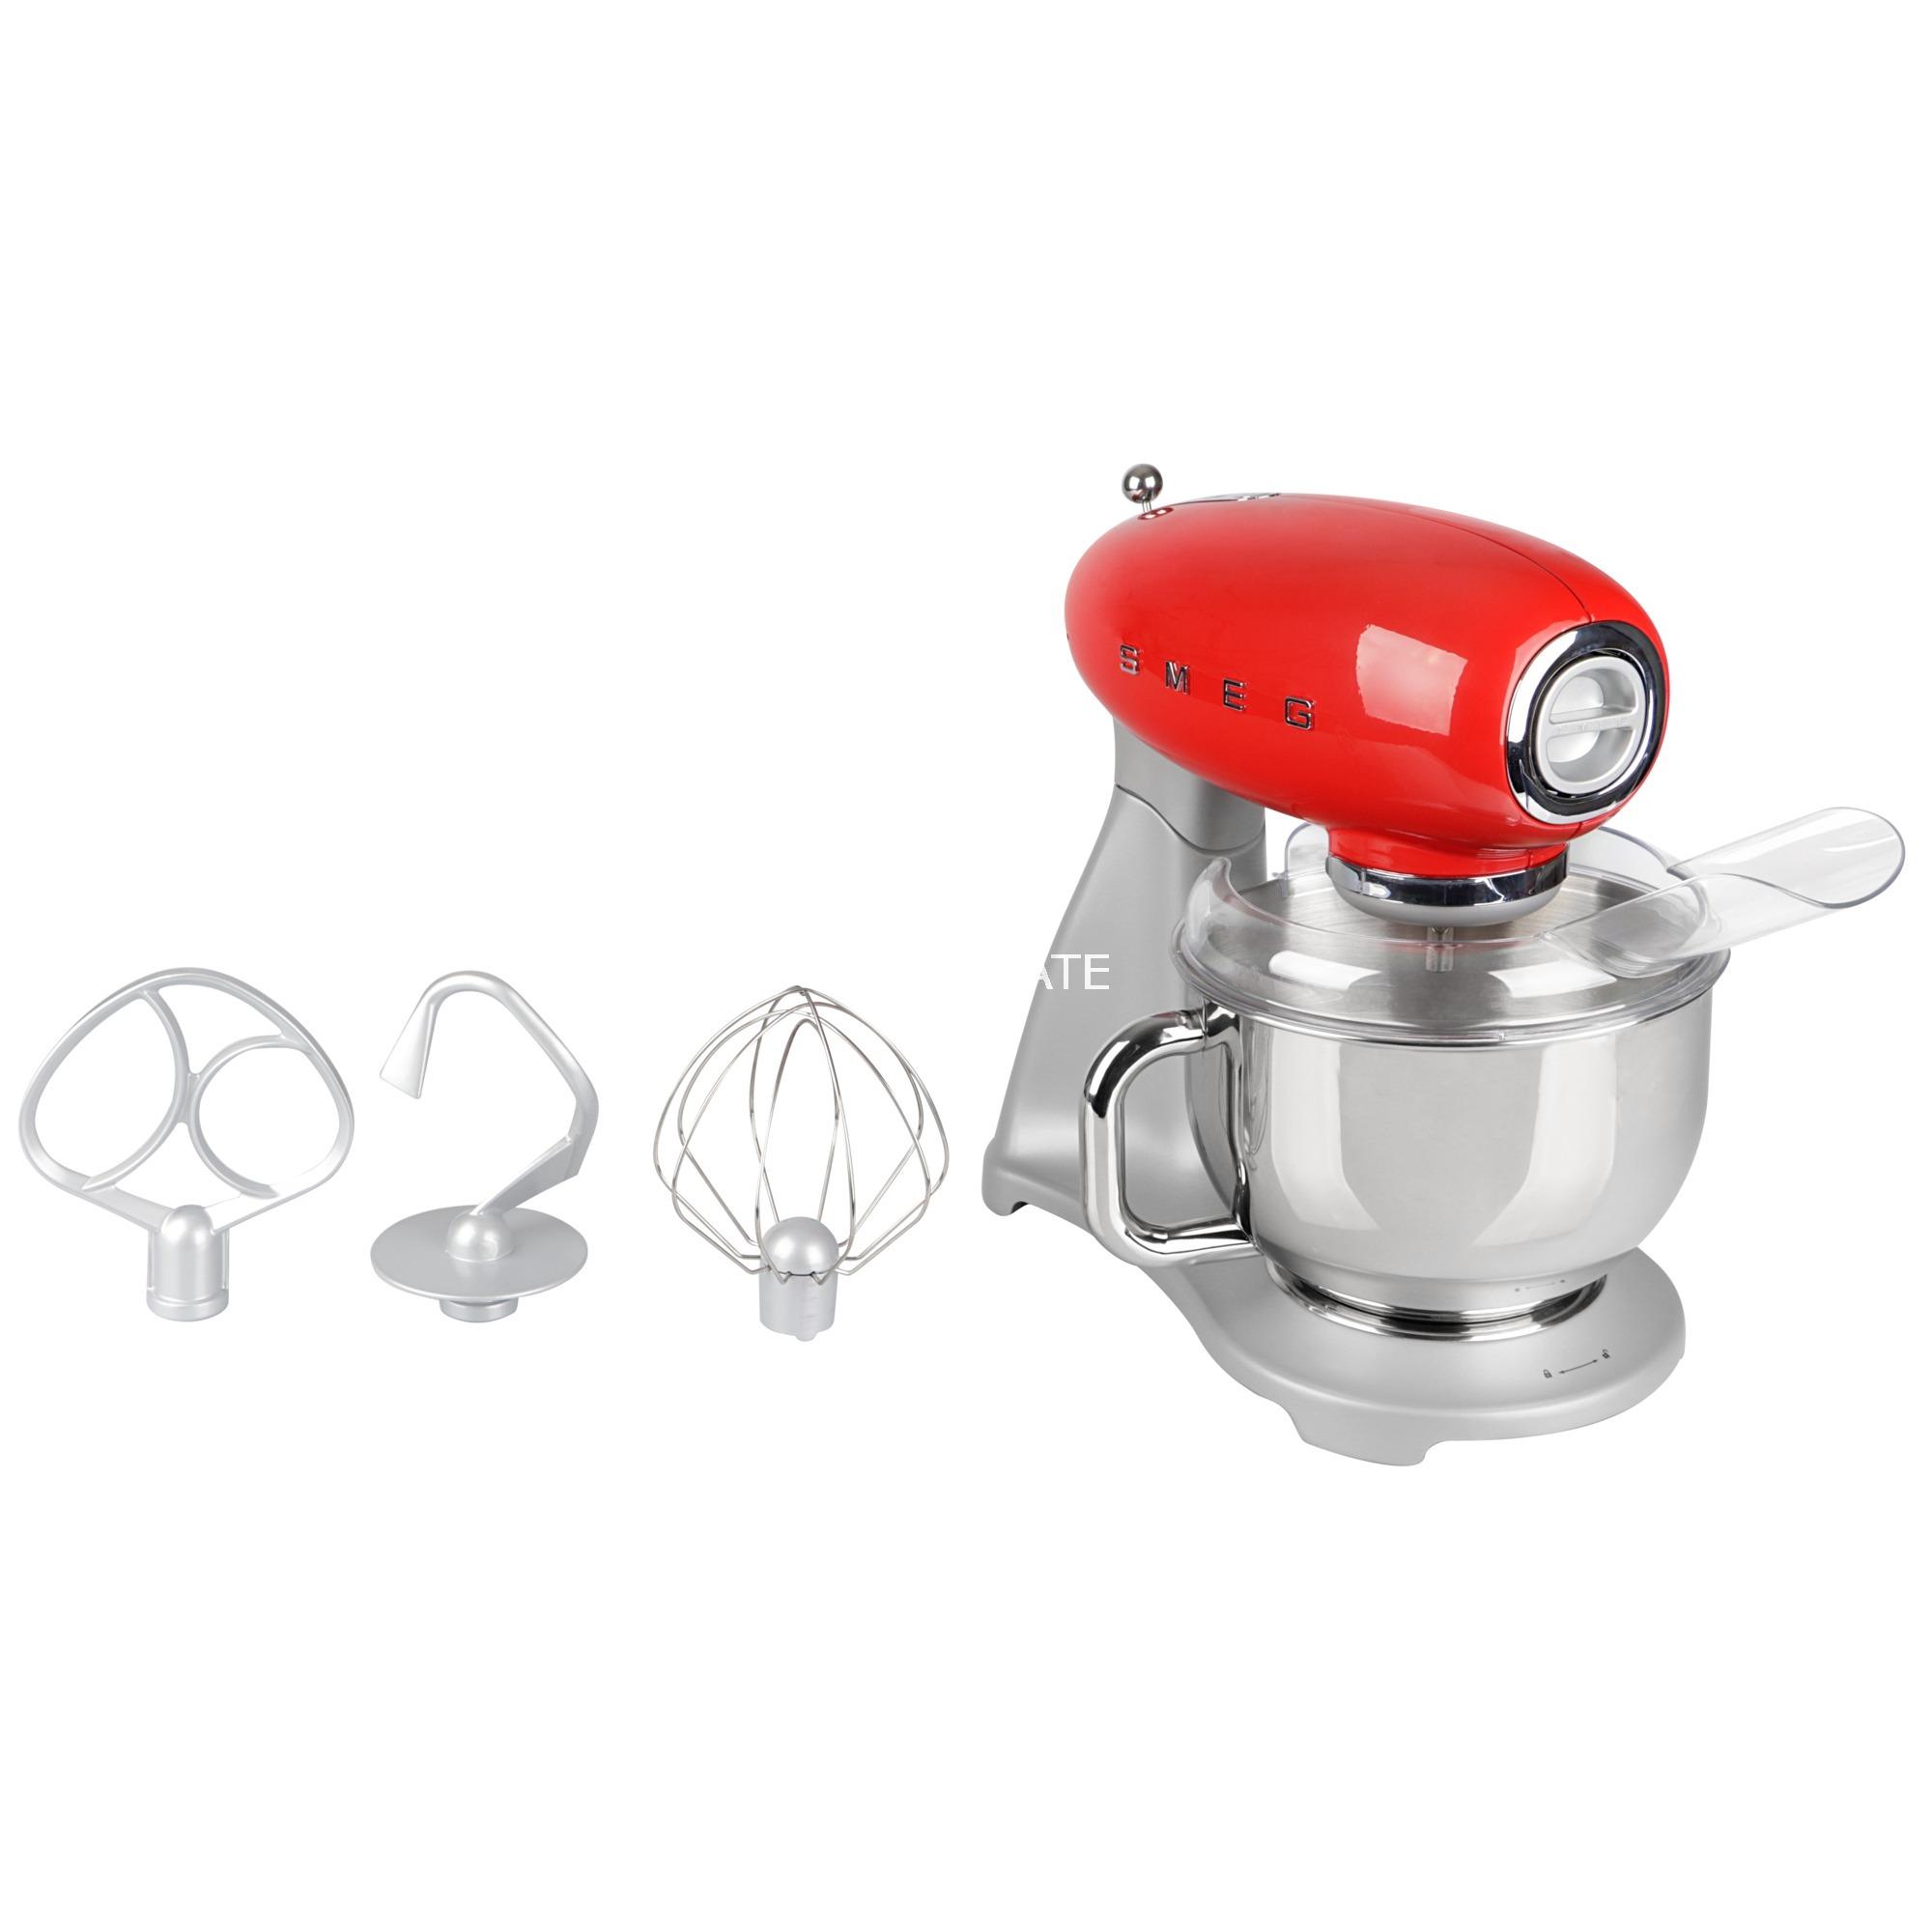 SMF01RDEU batidora Batidora de varillas Rojo 800 W, Robot de cocina